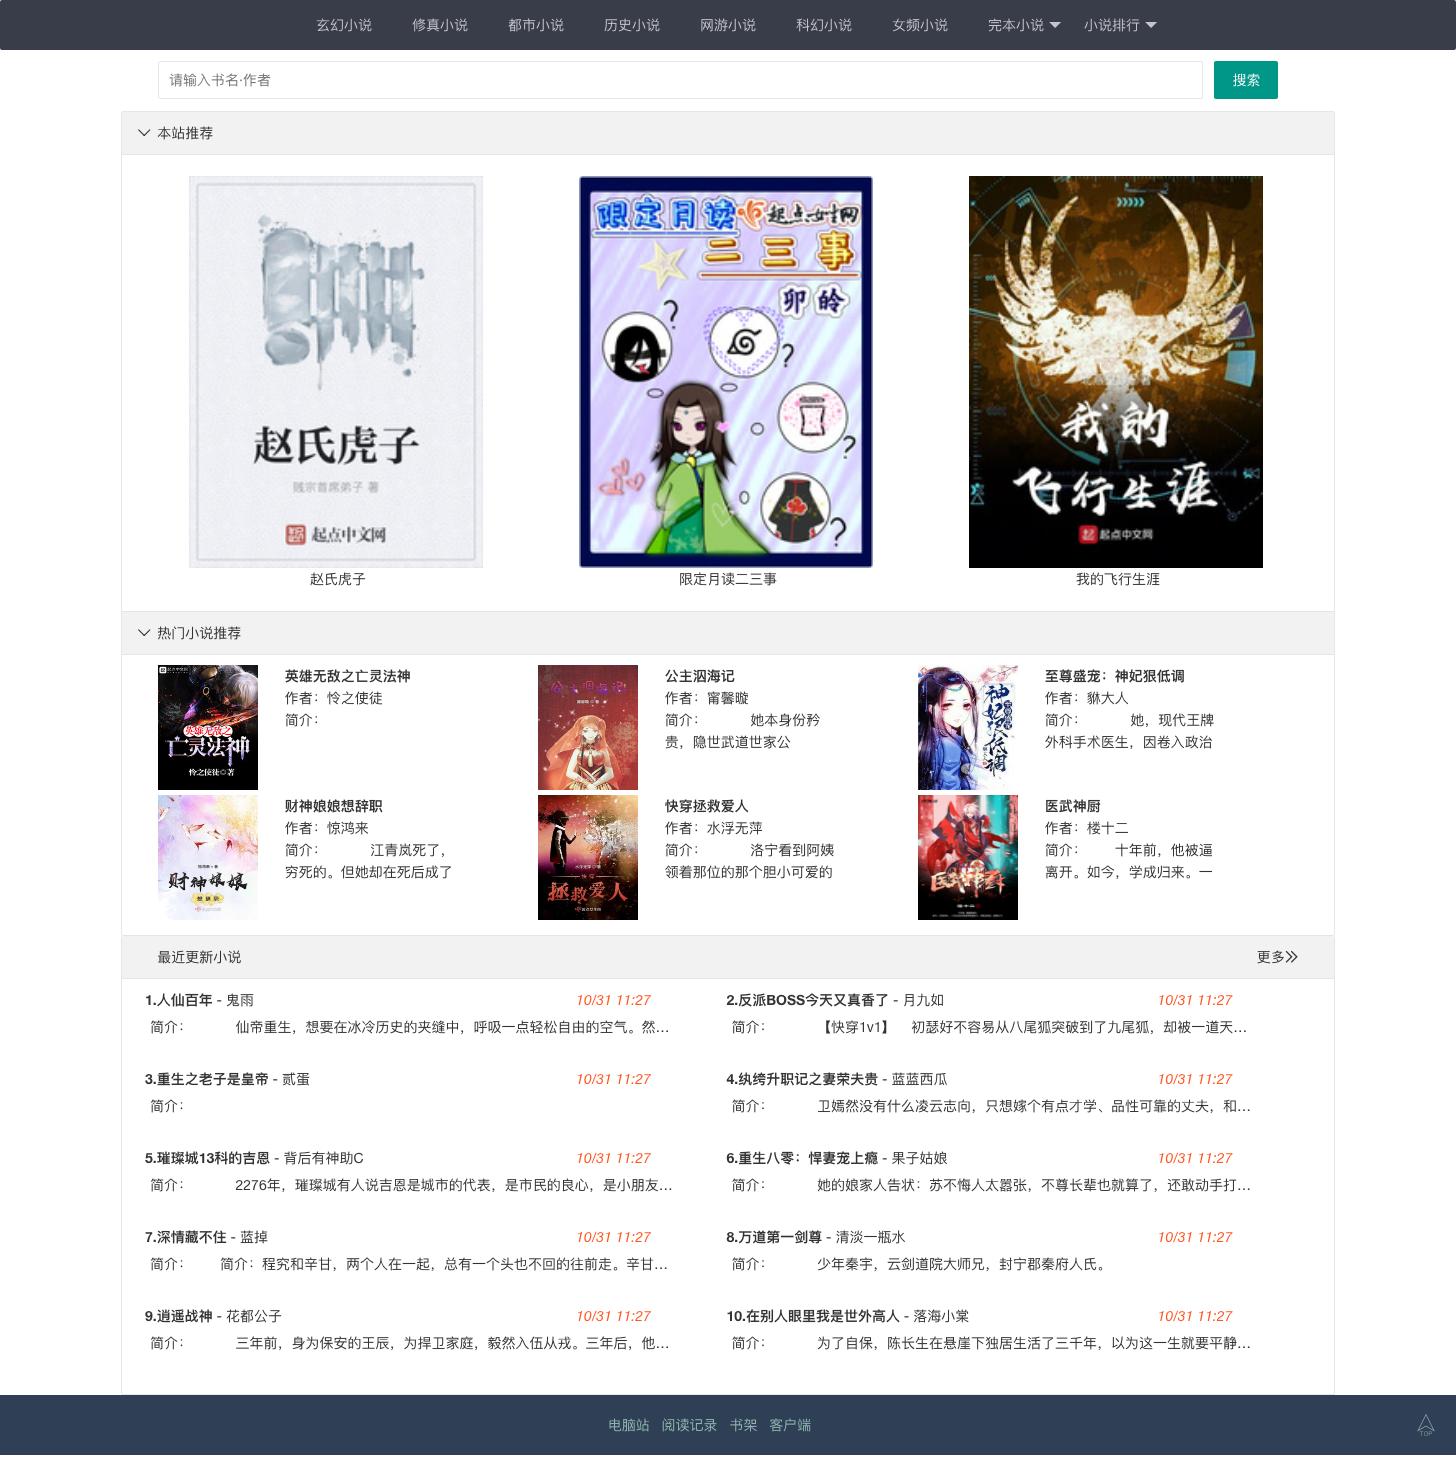 GO语言小说程序:小说精品屋-plus v2.9.0发布